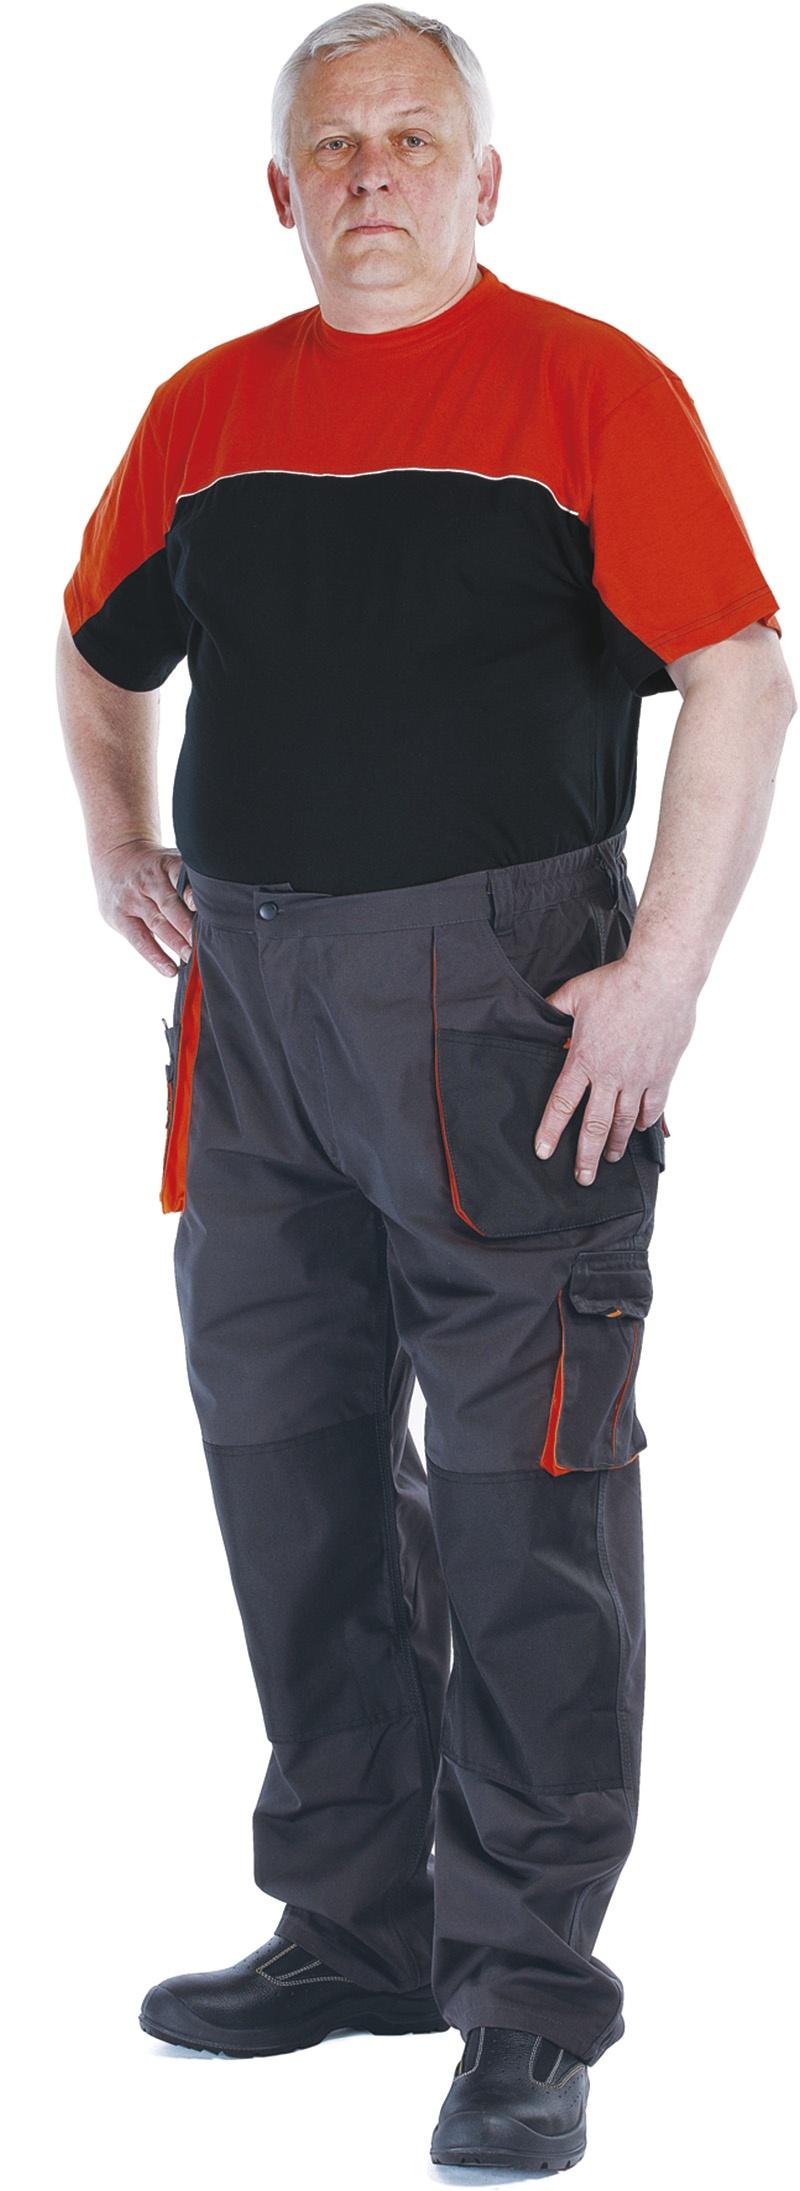 Spodnie Emerton, bawełna/poliester, rozm. 62, antracytowo-pomarańczowe, Spodnie, Ochrona indywidualna